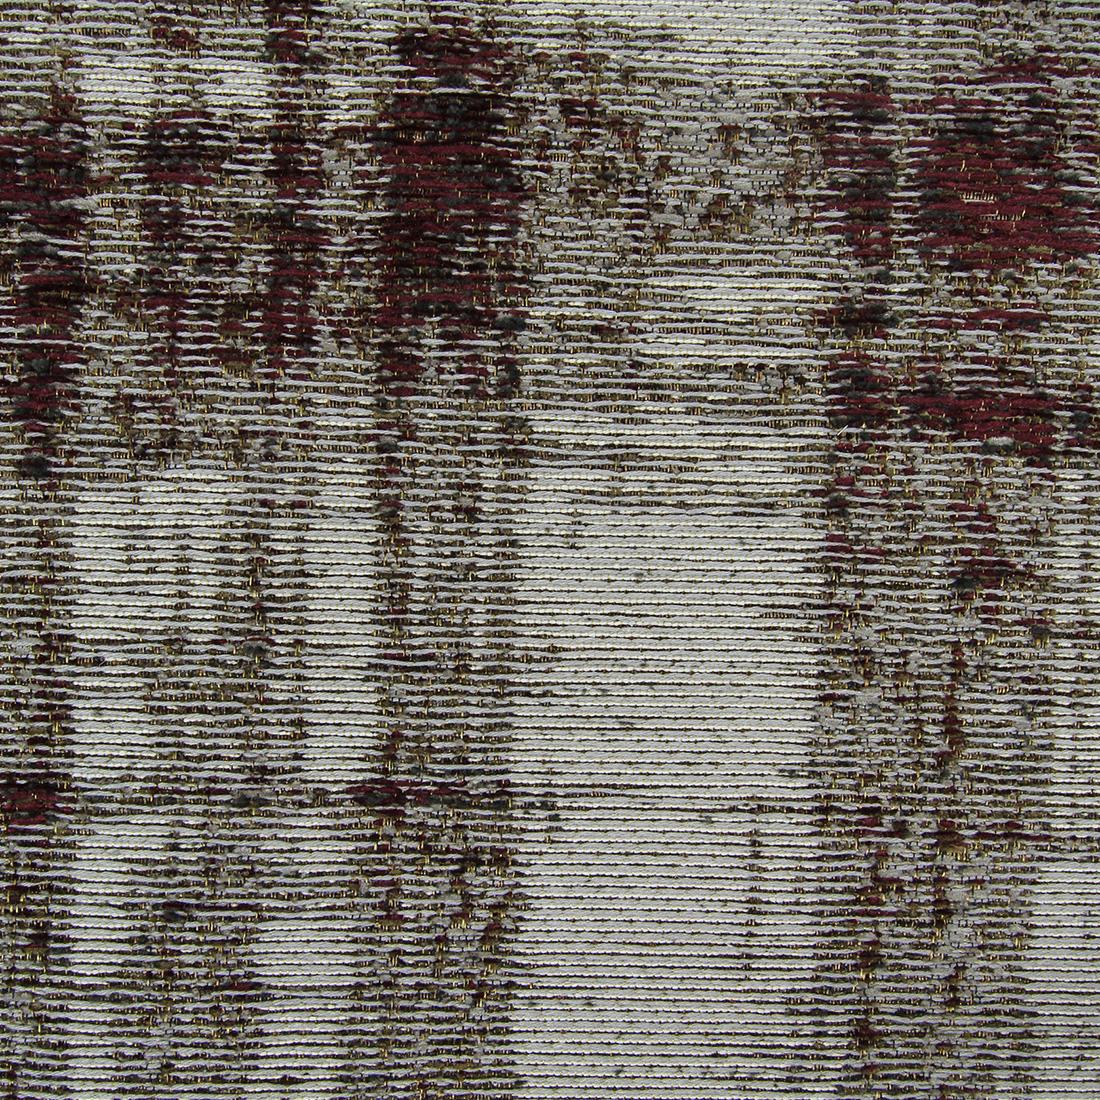 Vloerkleed Brinker Grunge Wine Red | 200 x 300 cm